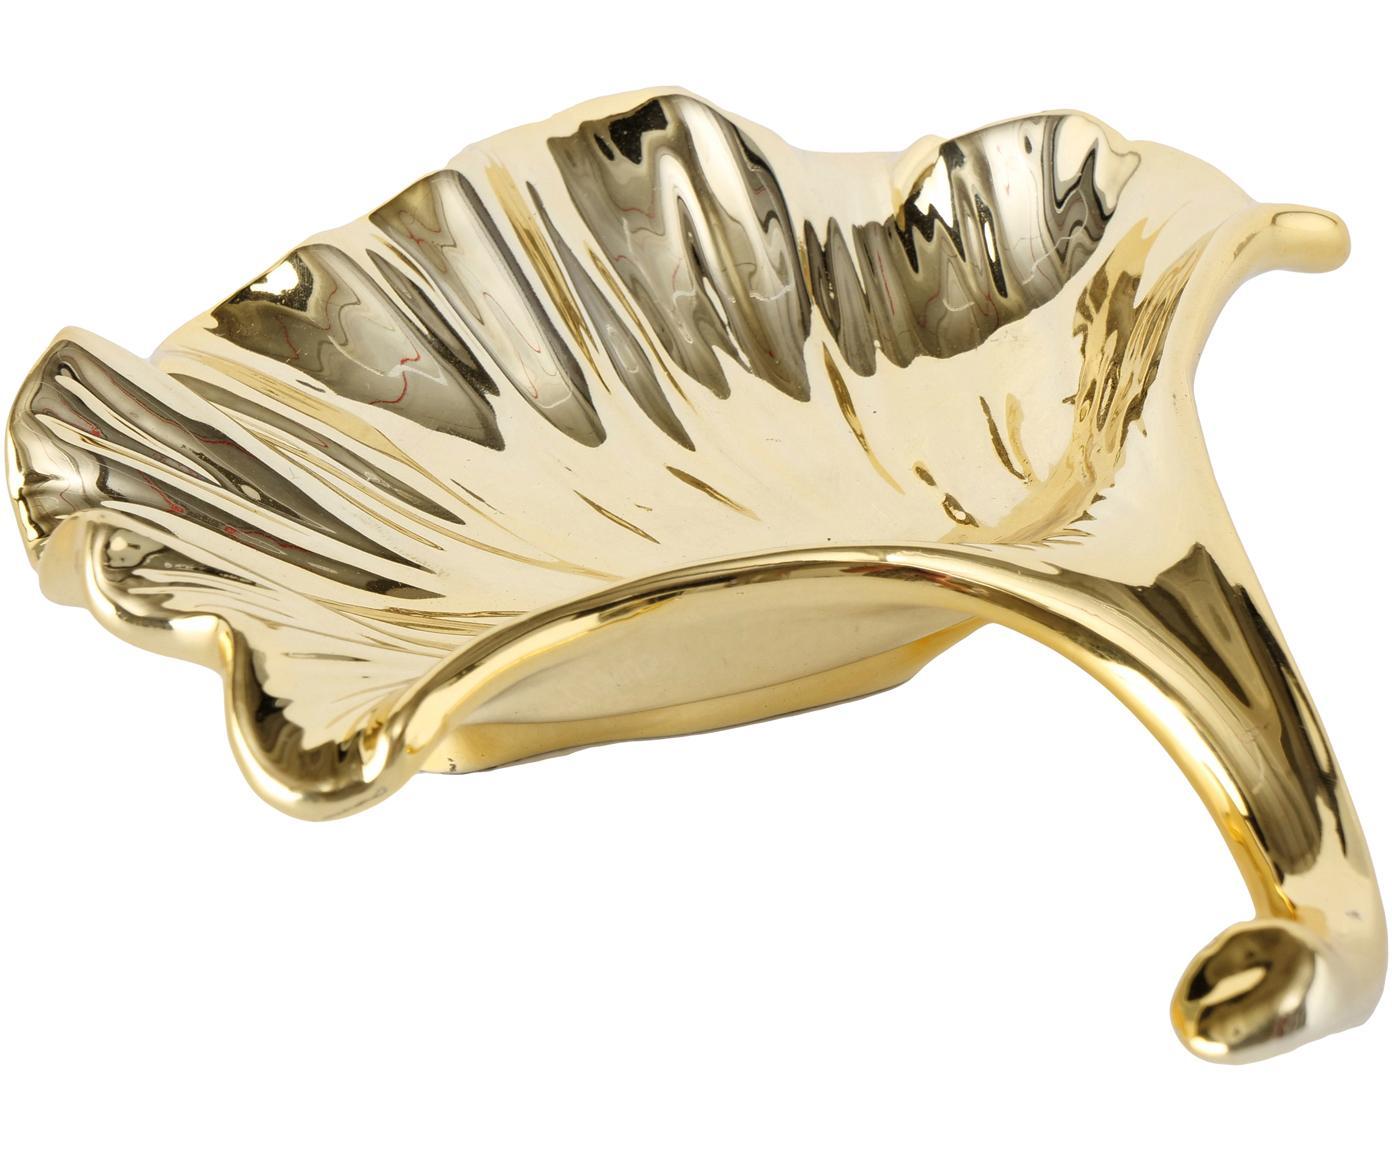 Miska dekoracyjna Ginkgo, Dolomit, Odcienie mosiądzu, S 18 x G 16 cm